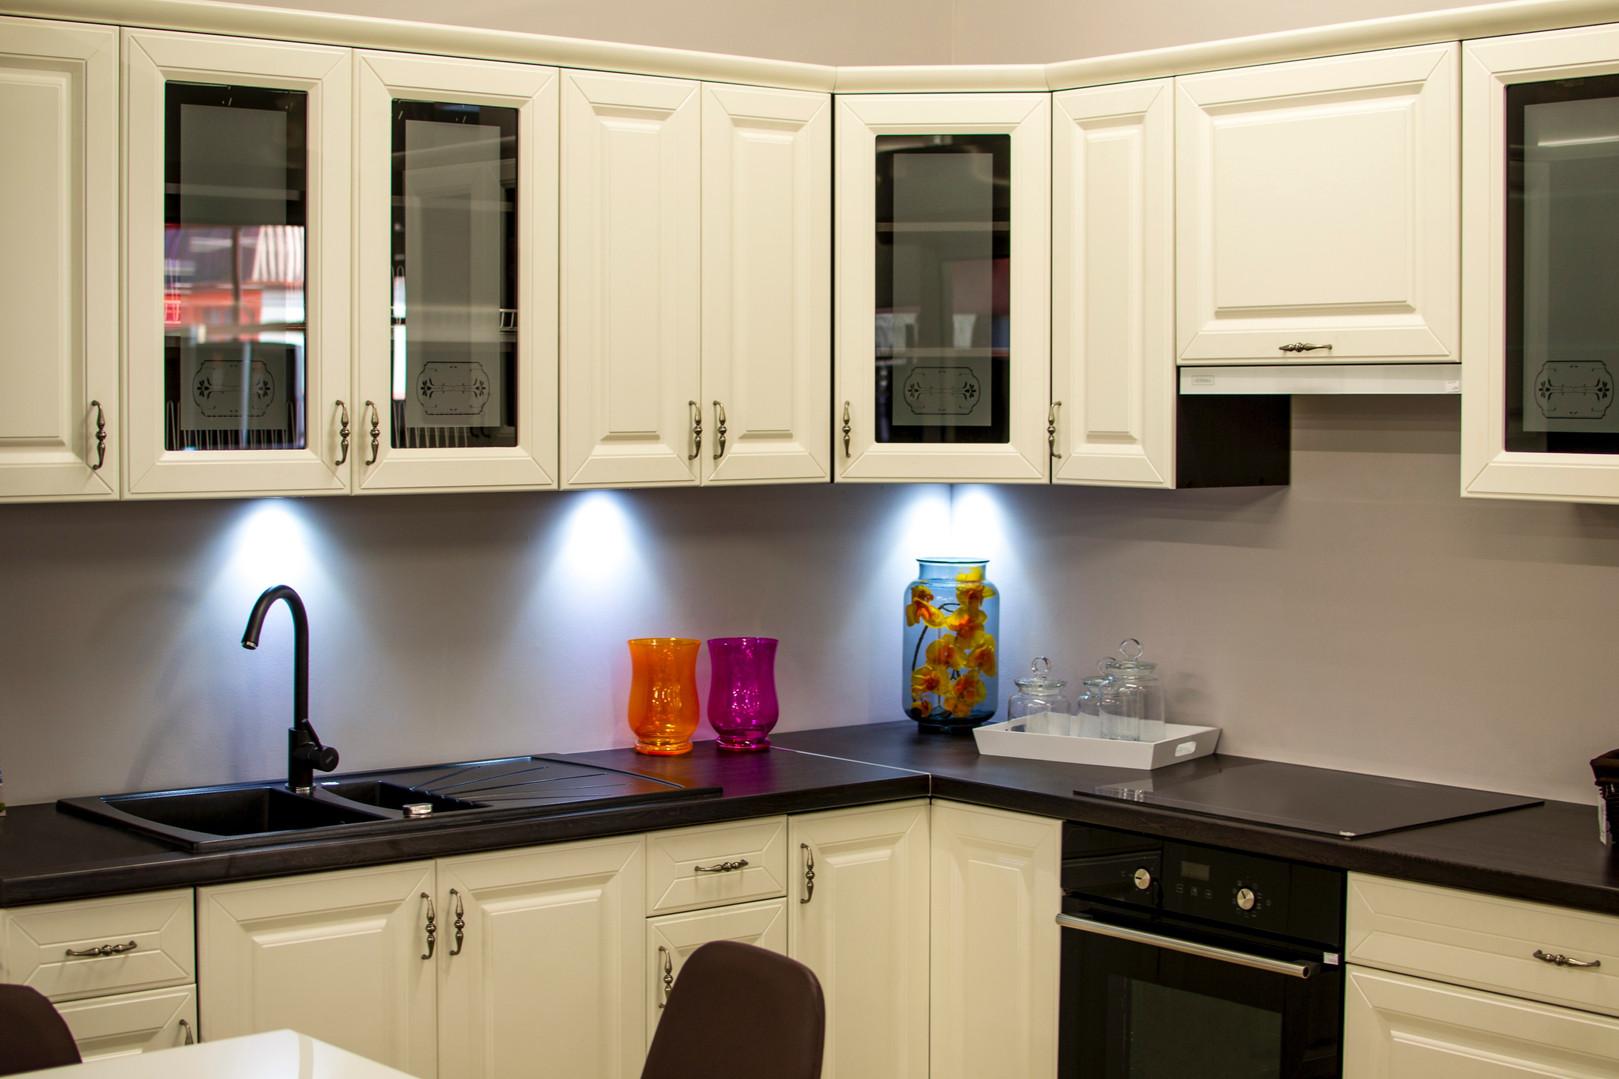 furniture-interior-design-kitchen-94865.